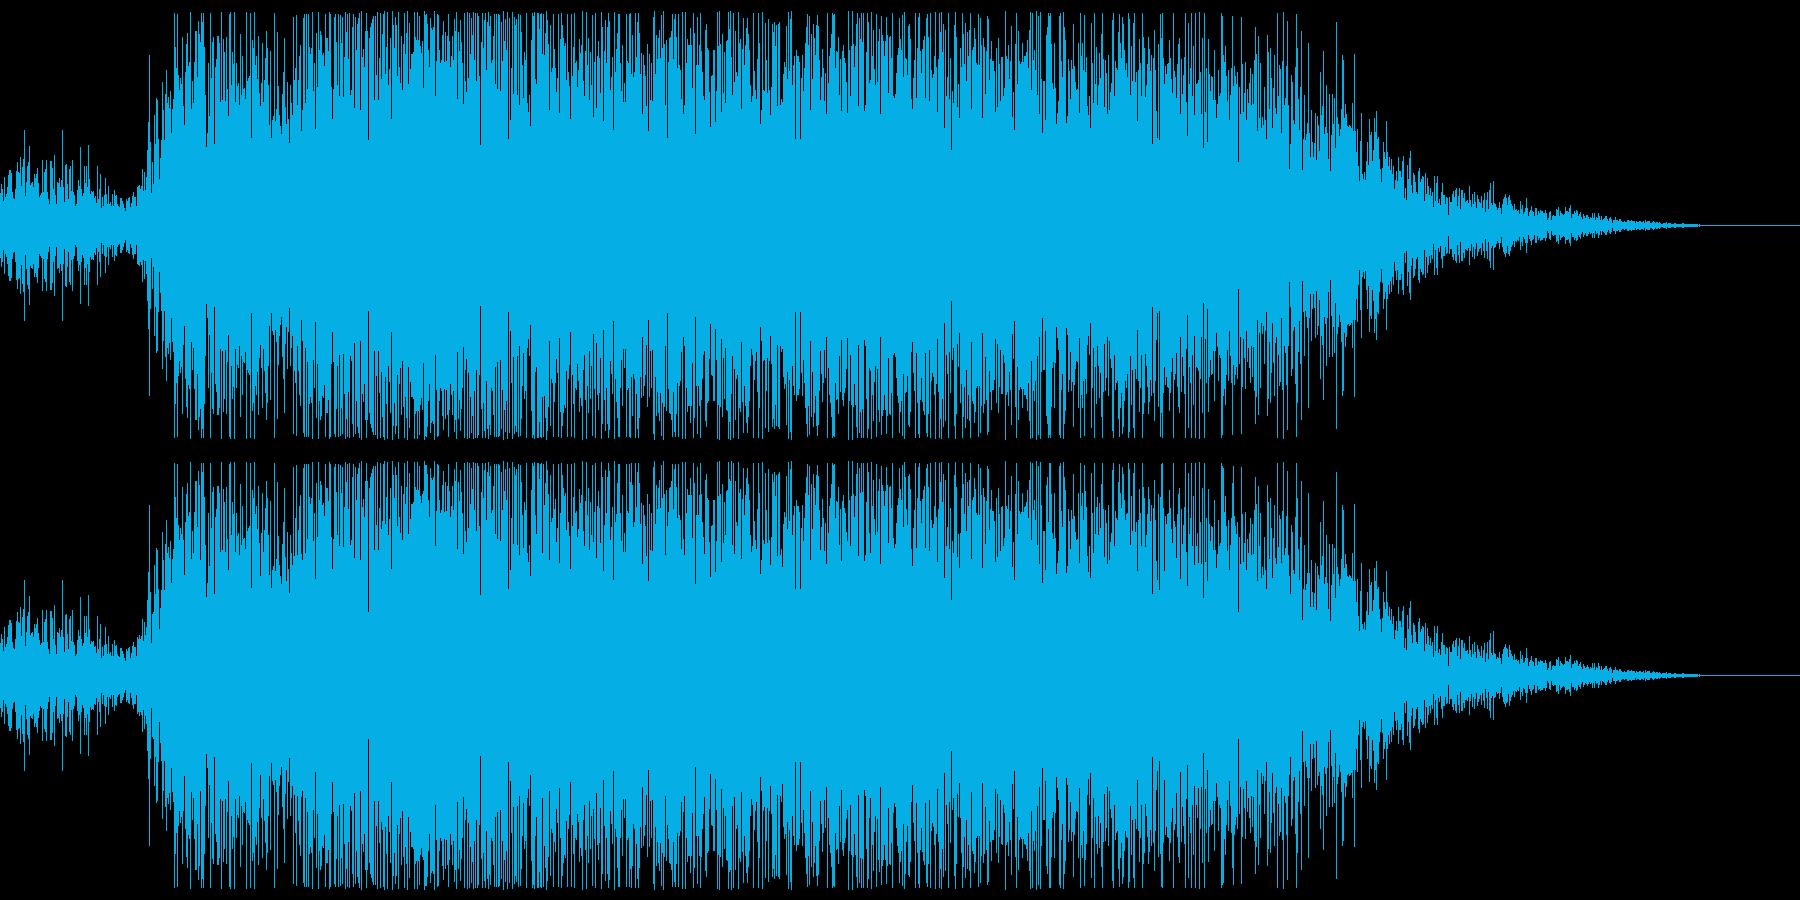 プシュー(エアー音、蒸気音)の再生済みの波形